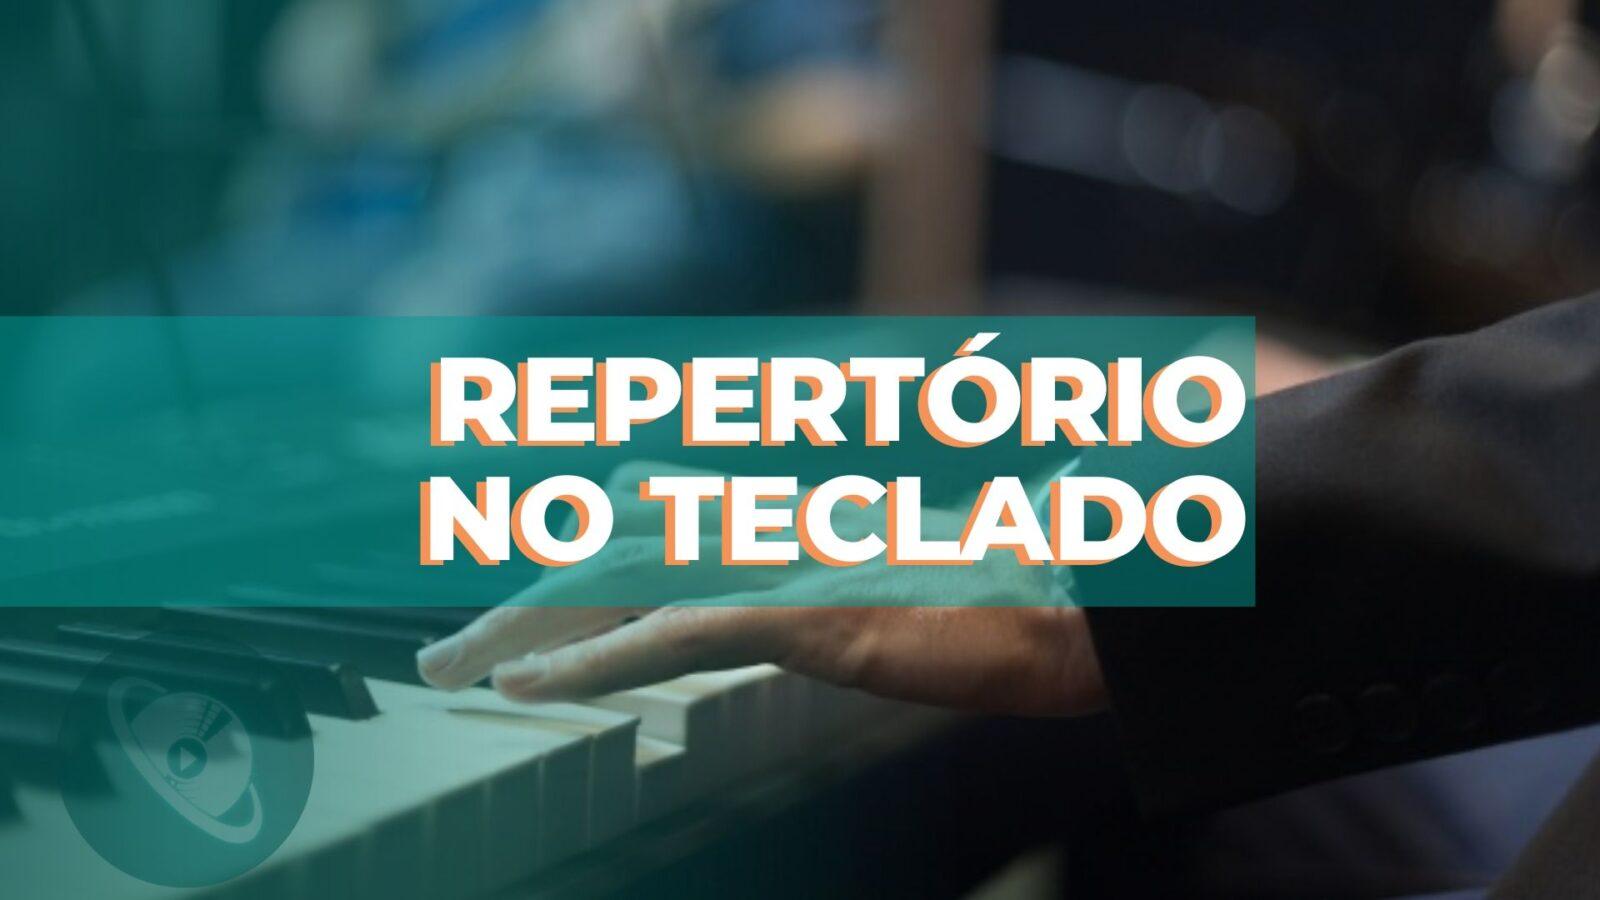 Confira dicas para estudar diversos acordes com foco em repertório no teclado - Alexandre Oliveira Planeta Música